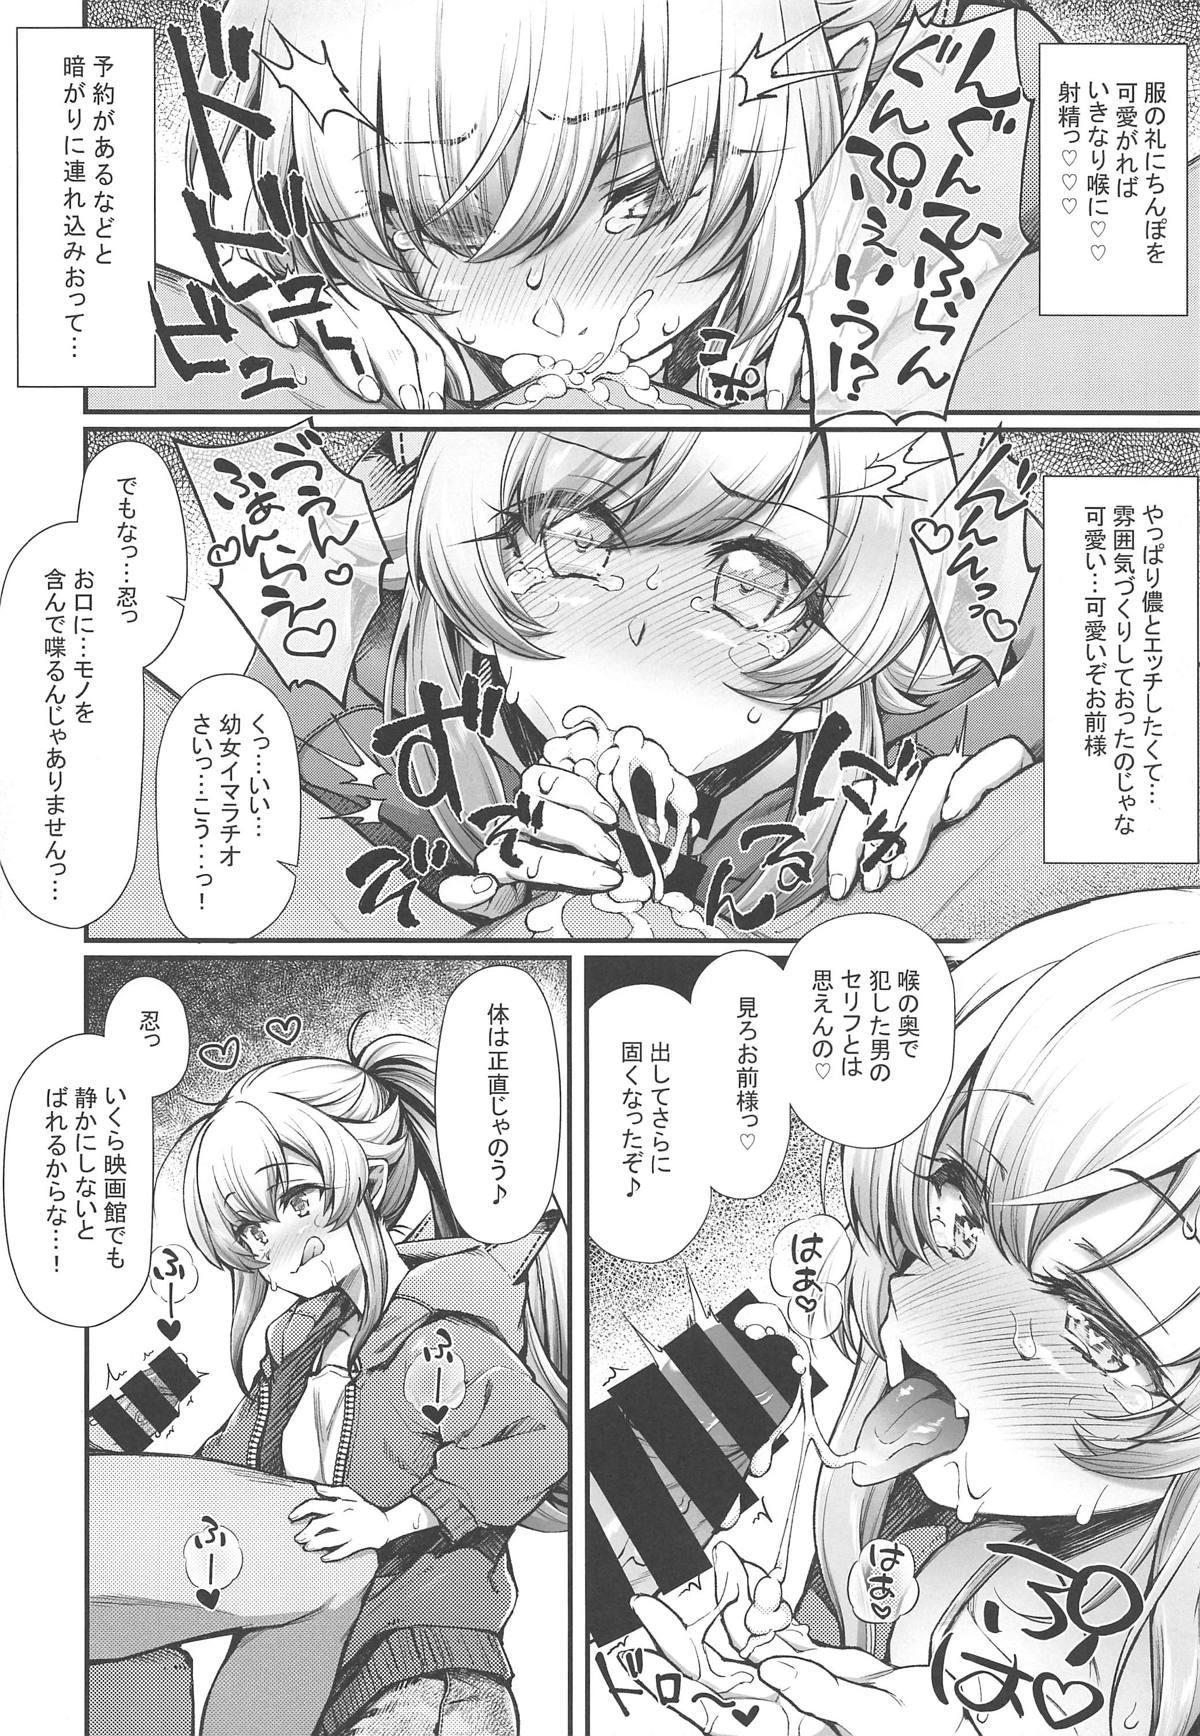 Pachimonogatari Part 18: Shinobu Date 16